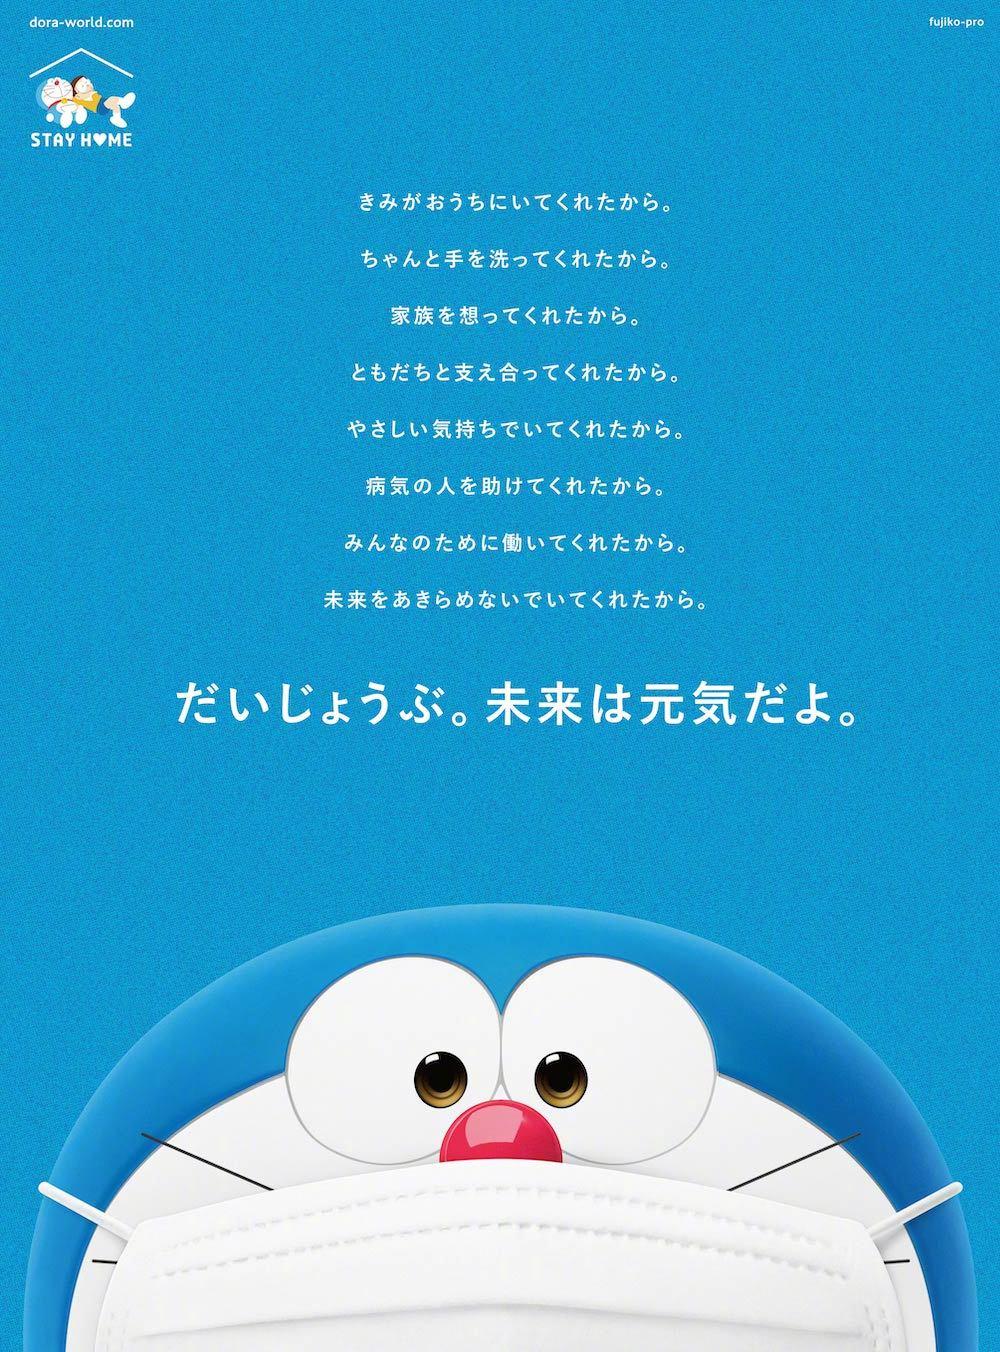 【杏悦登录】来自哆啦A梦的信鼓励杏悦登录疫情图片